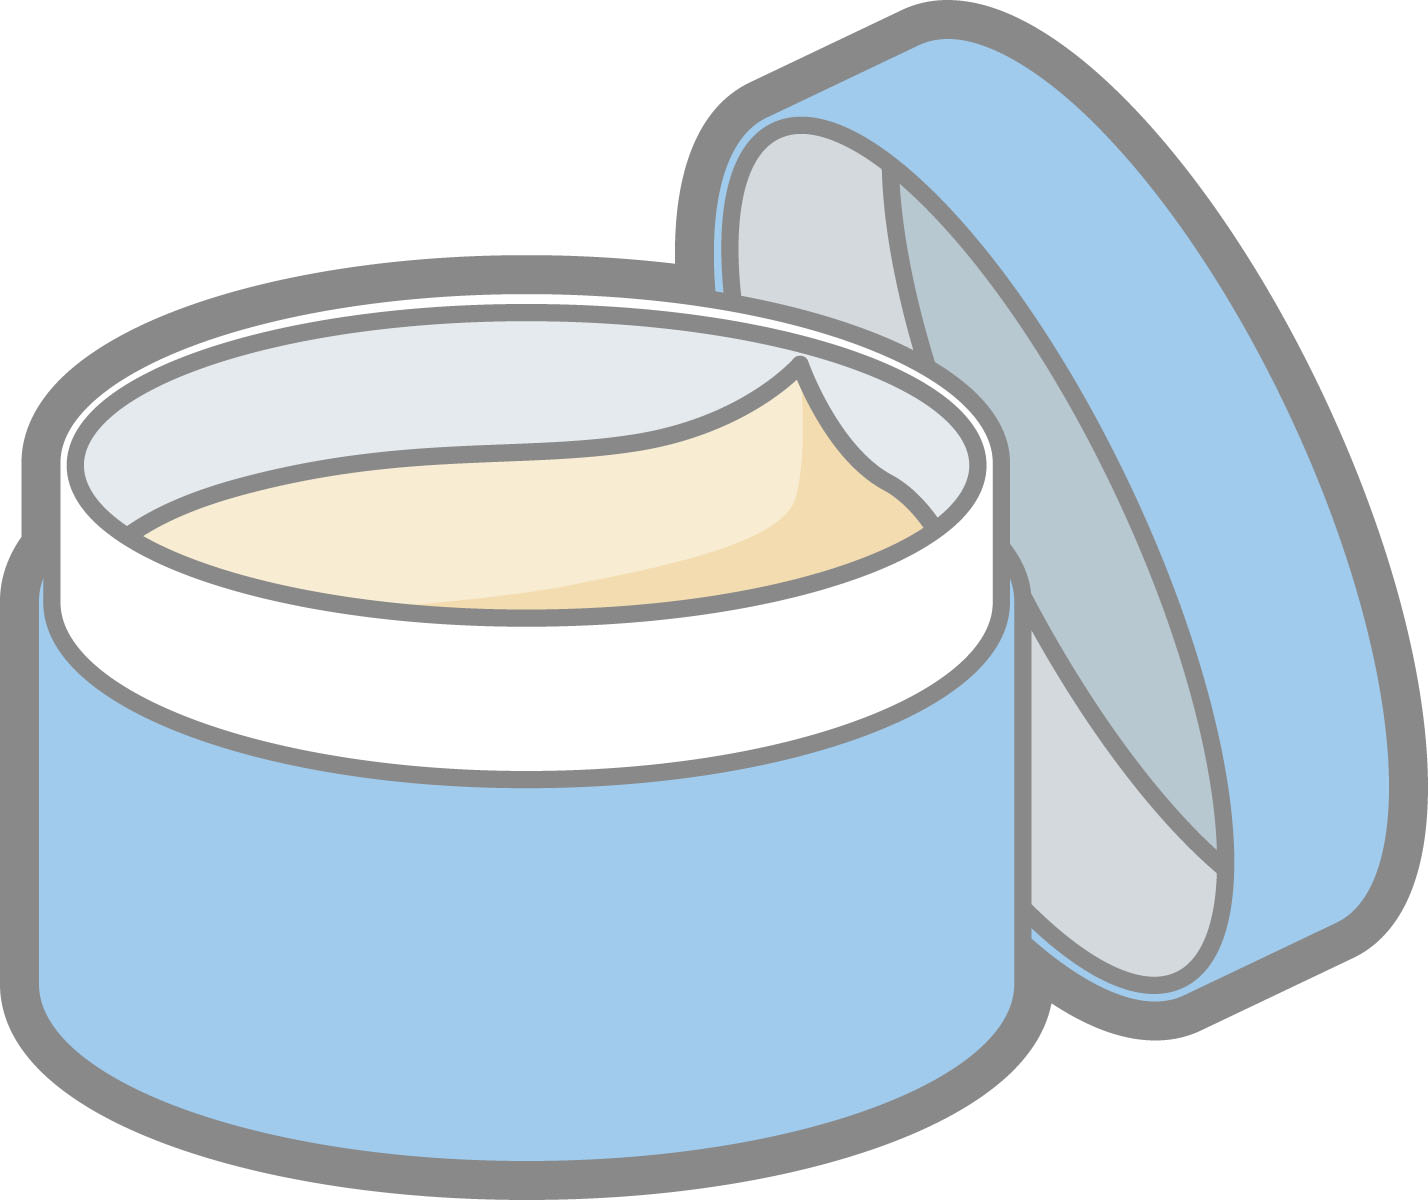 蜜蝋,蜜蝋ワックス,蜜蝋ワックス とは,蜜蝋ワックス 効果,蜜蝋ワックス 使い方